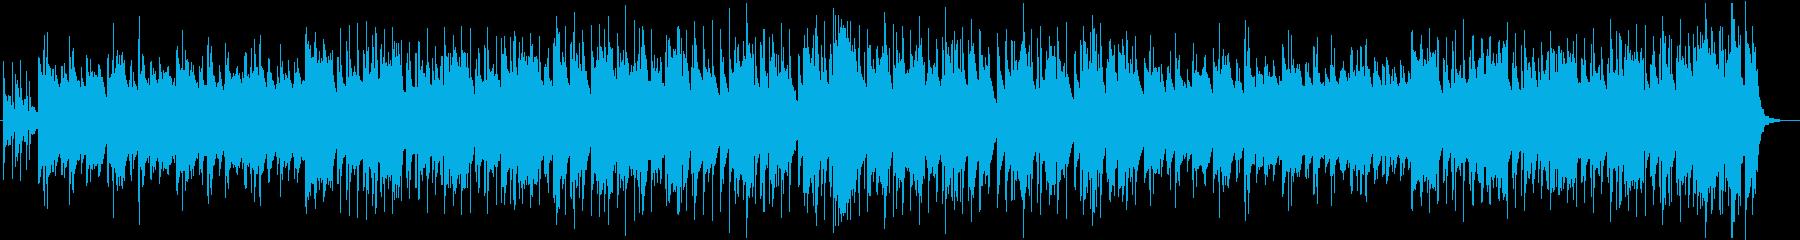 カジノをイメージしたビッグバンドBGMの再生済みの波形